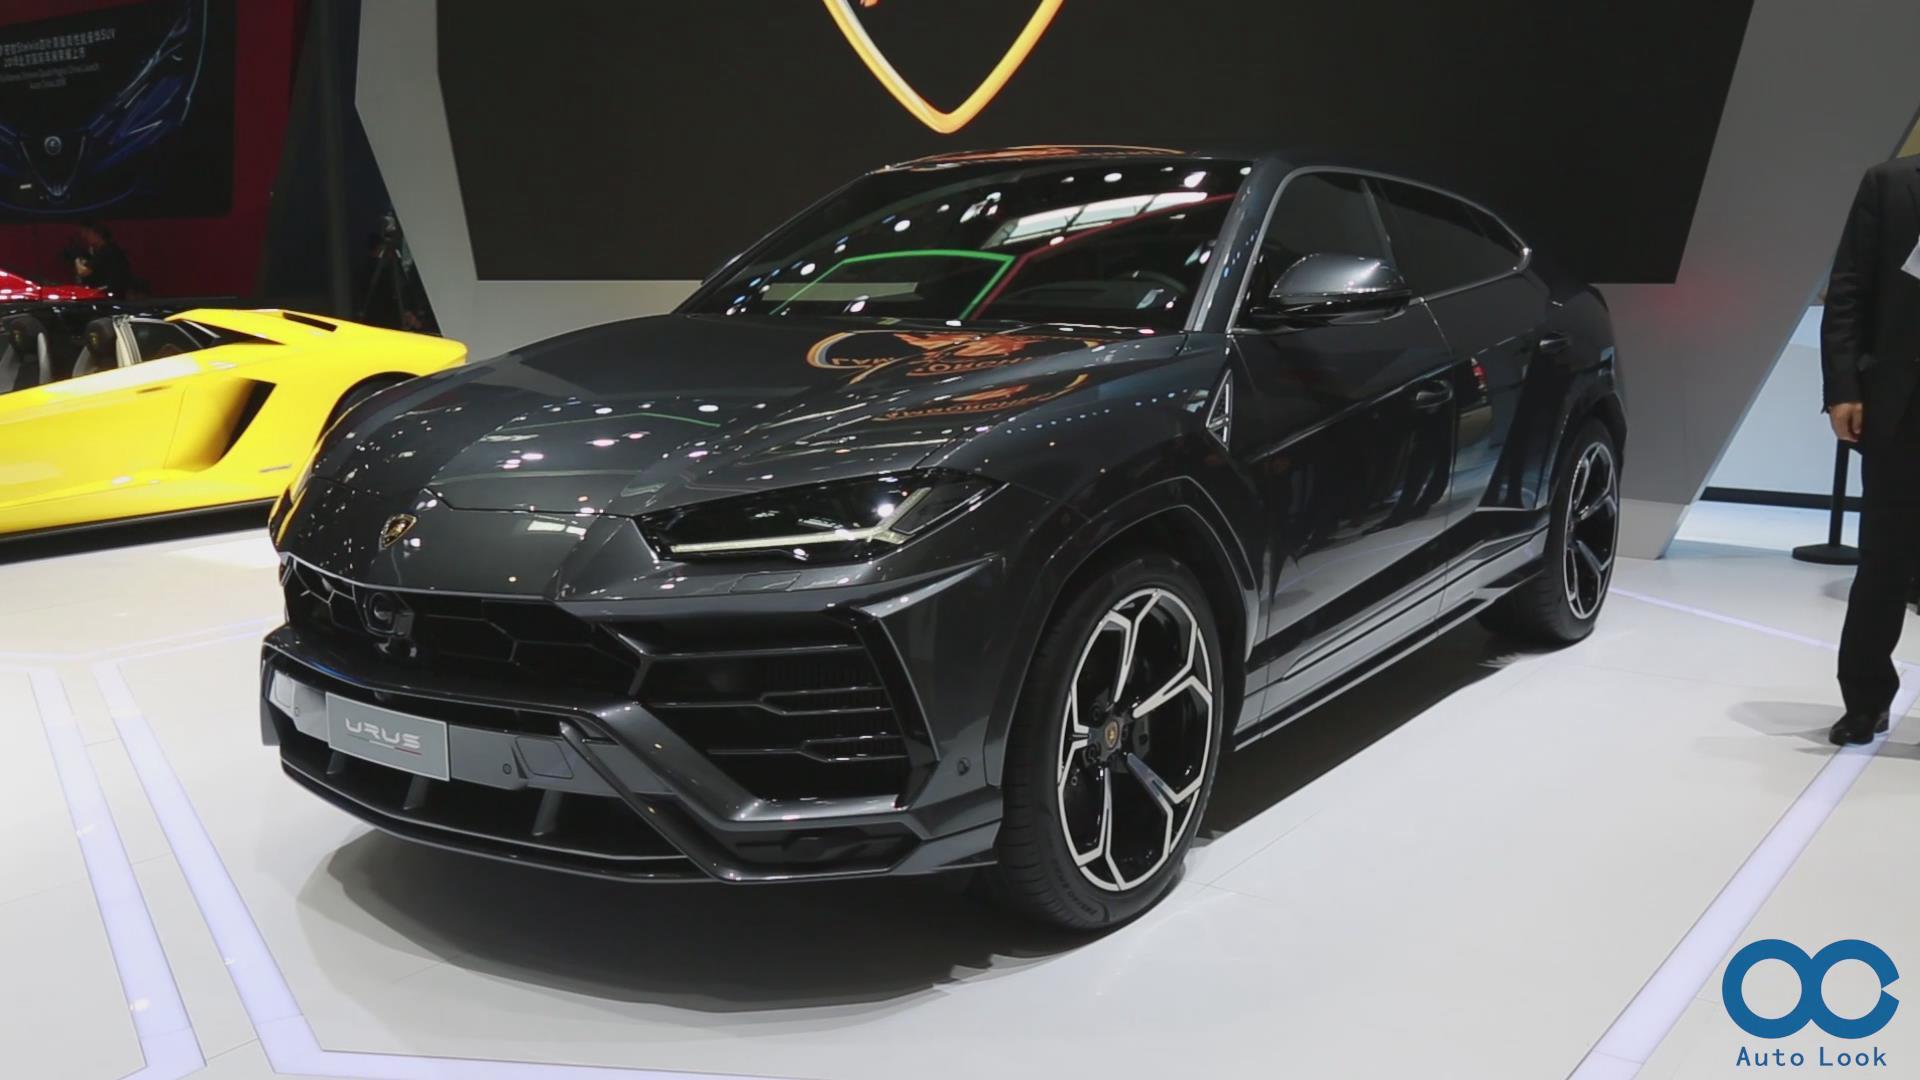 兰博基尼首款SUV-Urus北京车展 实拍详解